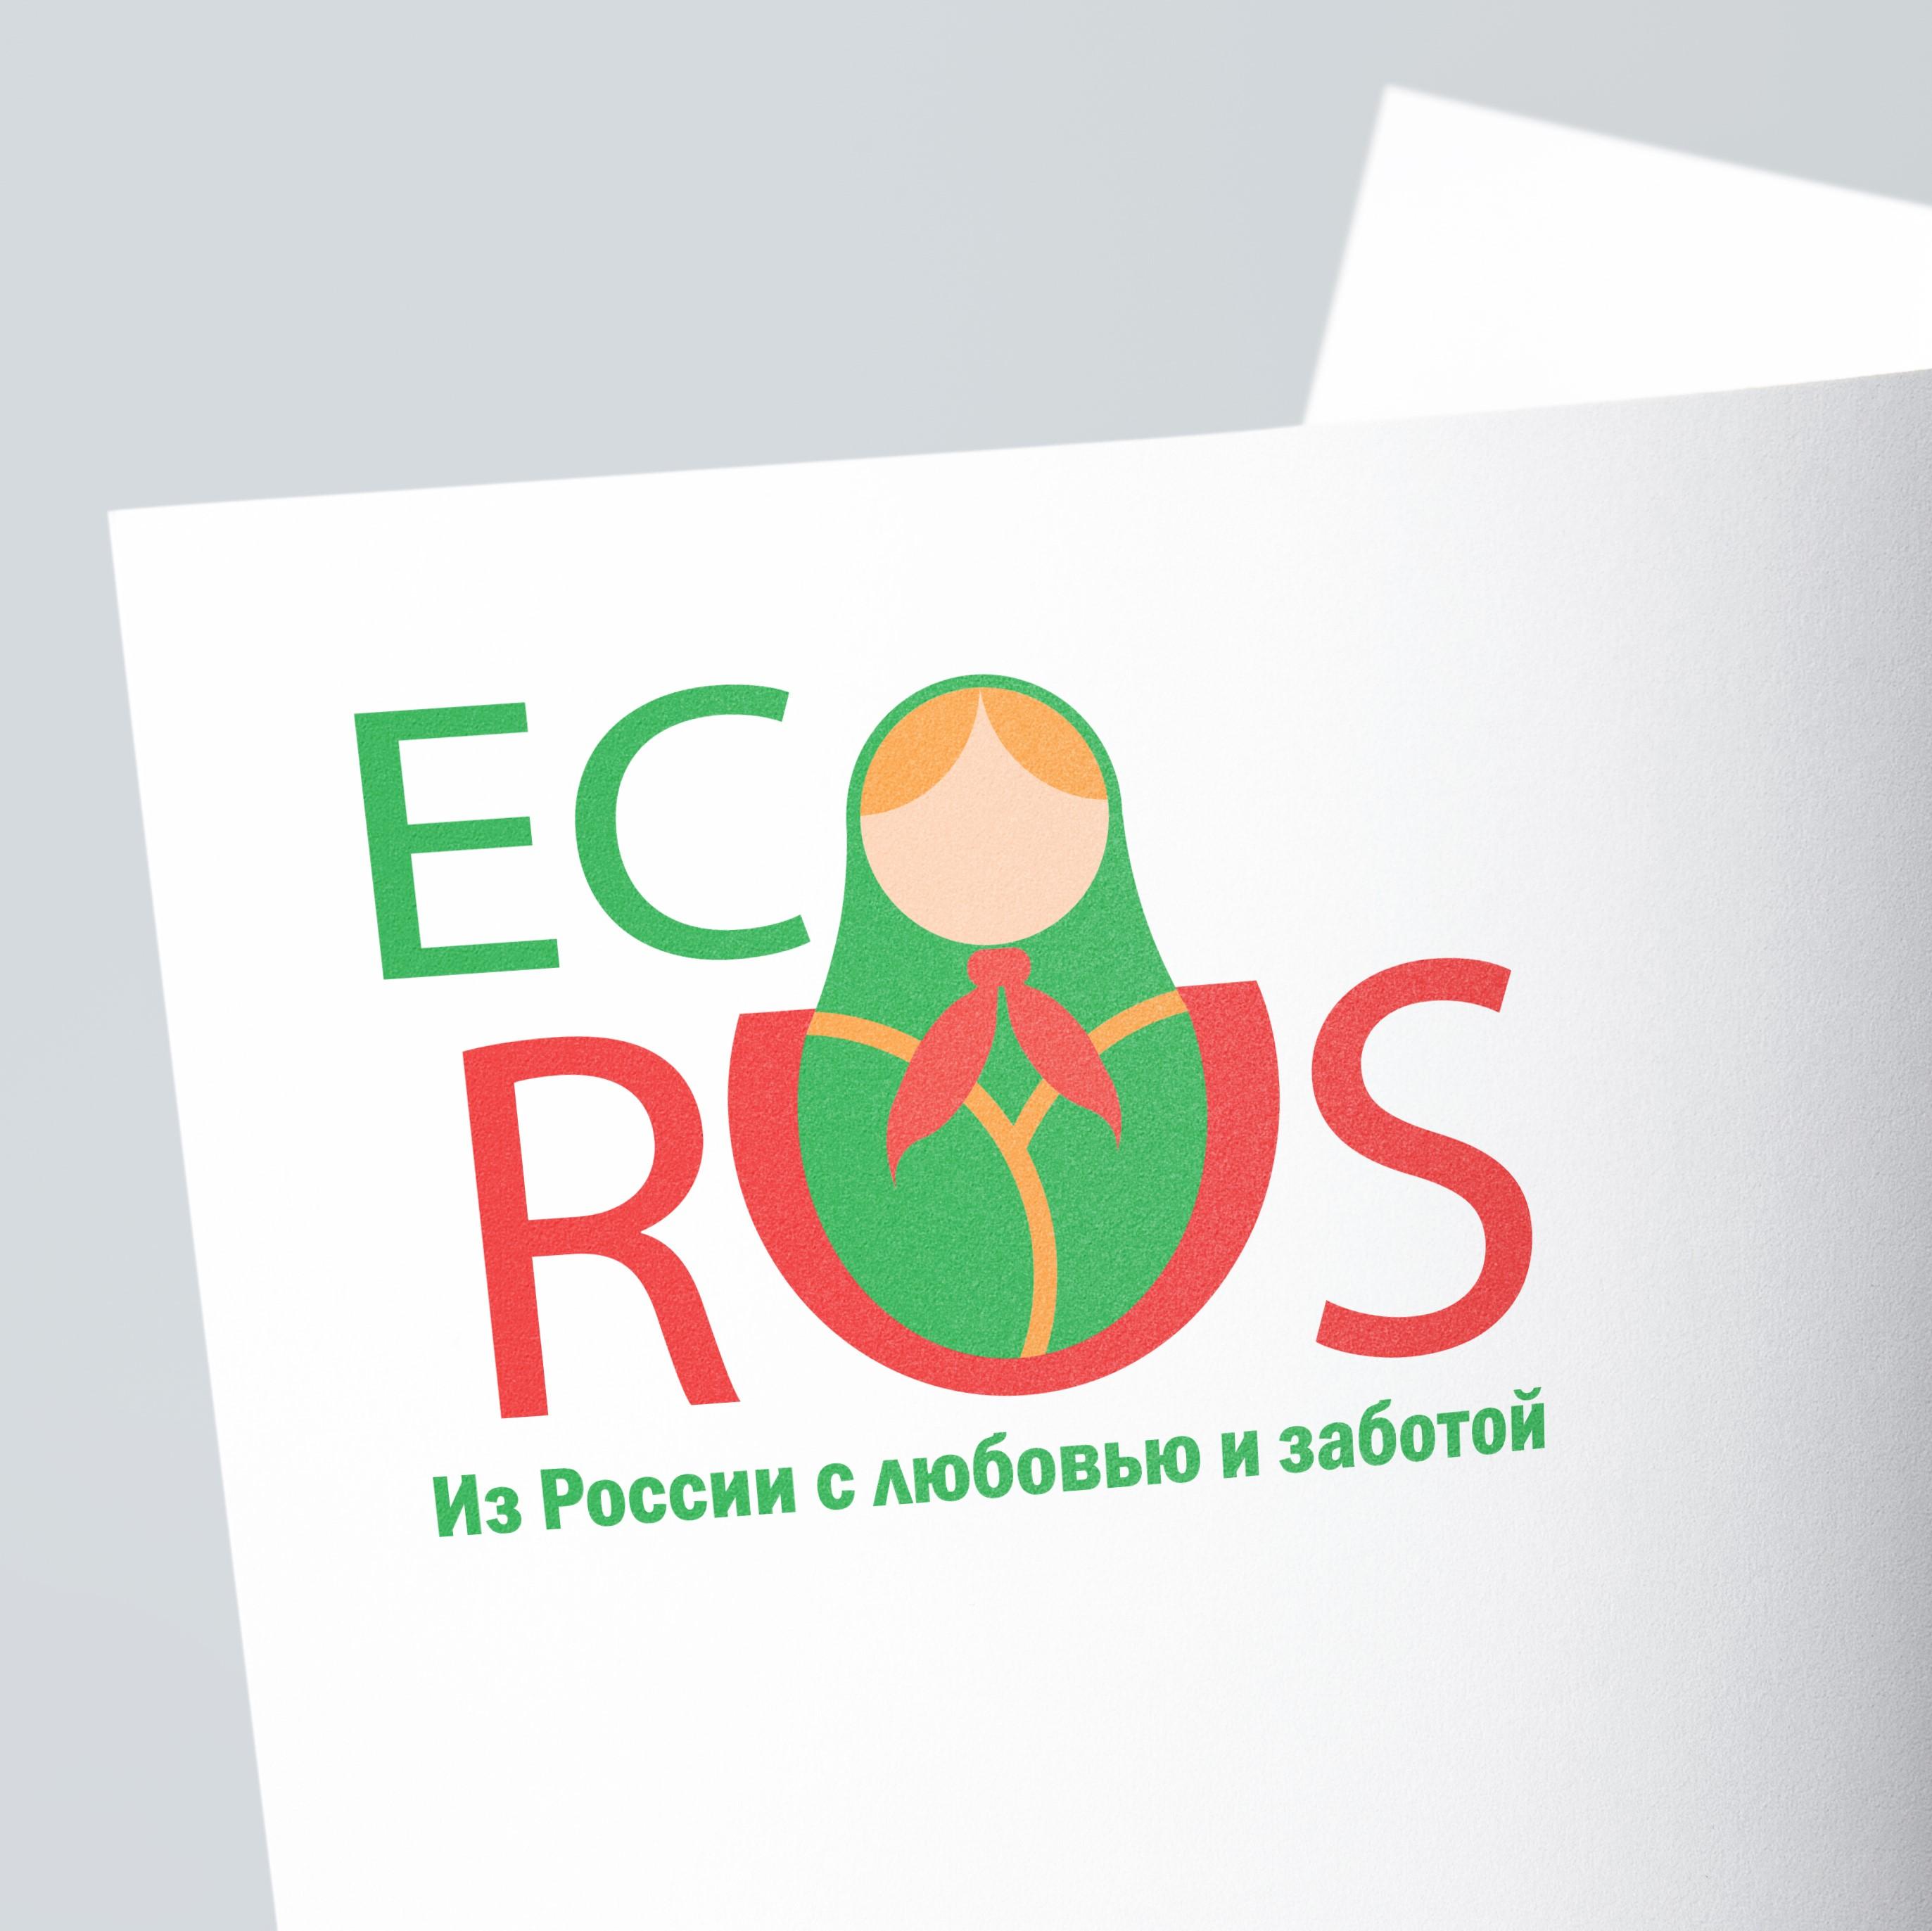 Логотип для поставщика продуктов питания из России в Китай фото f_1395ea71b018b30b.jpg